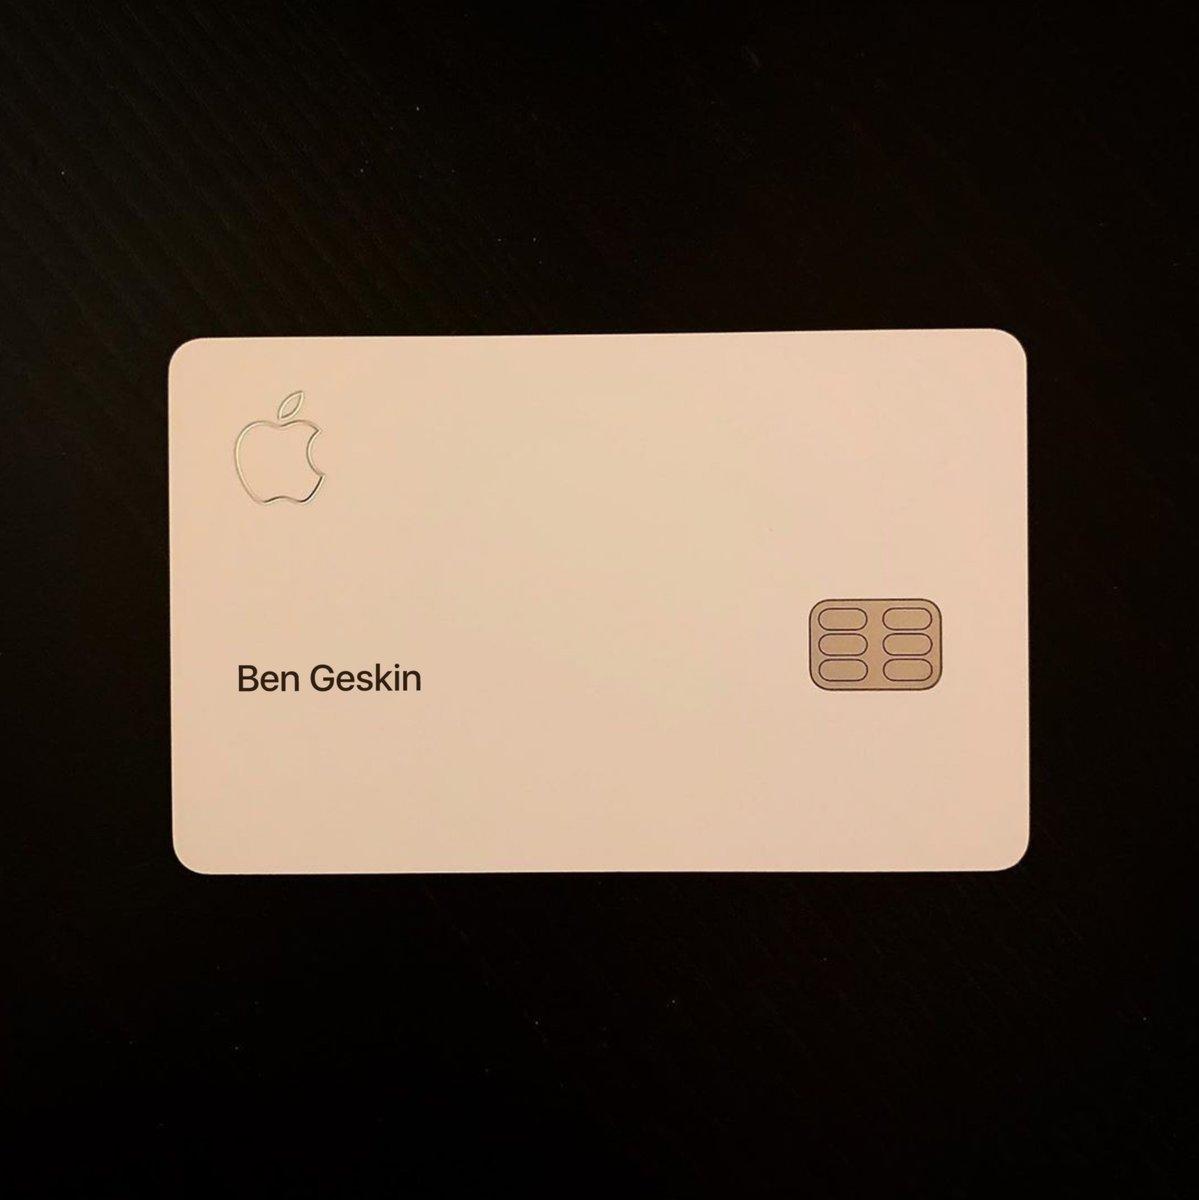 Apple Card Physical Card Photo Img 2